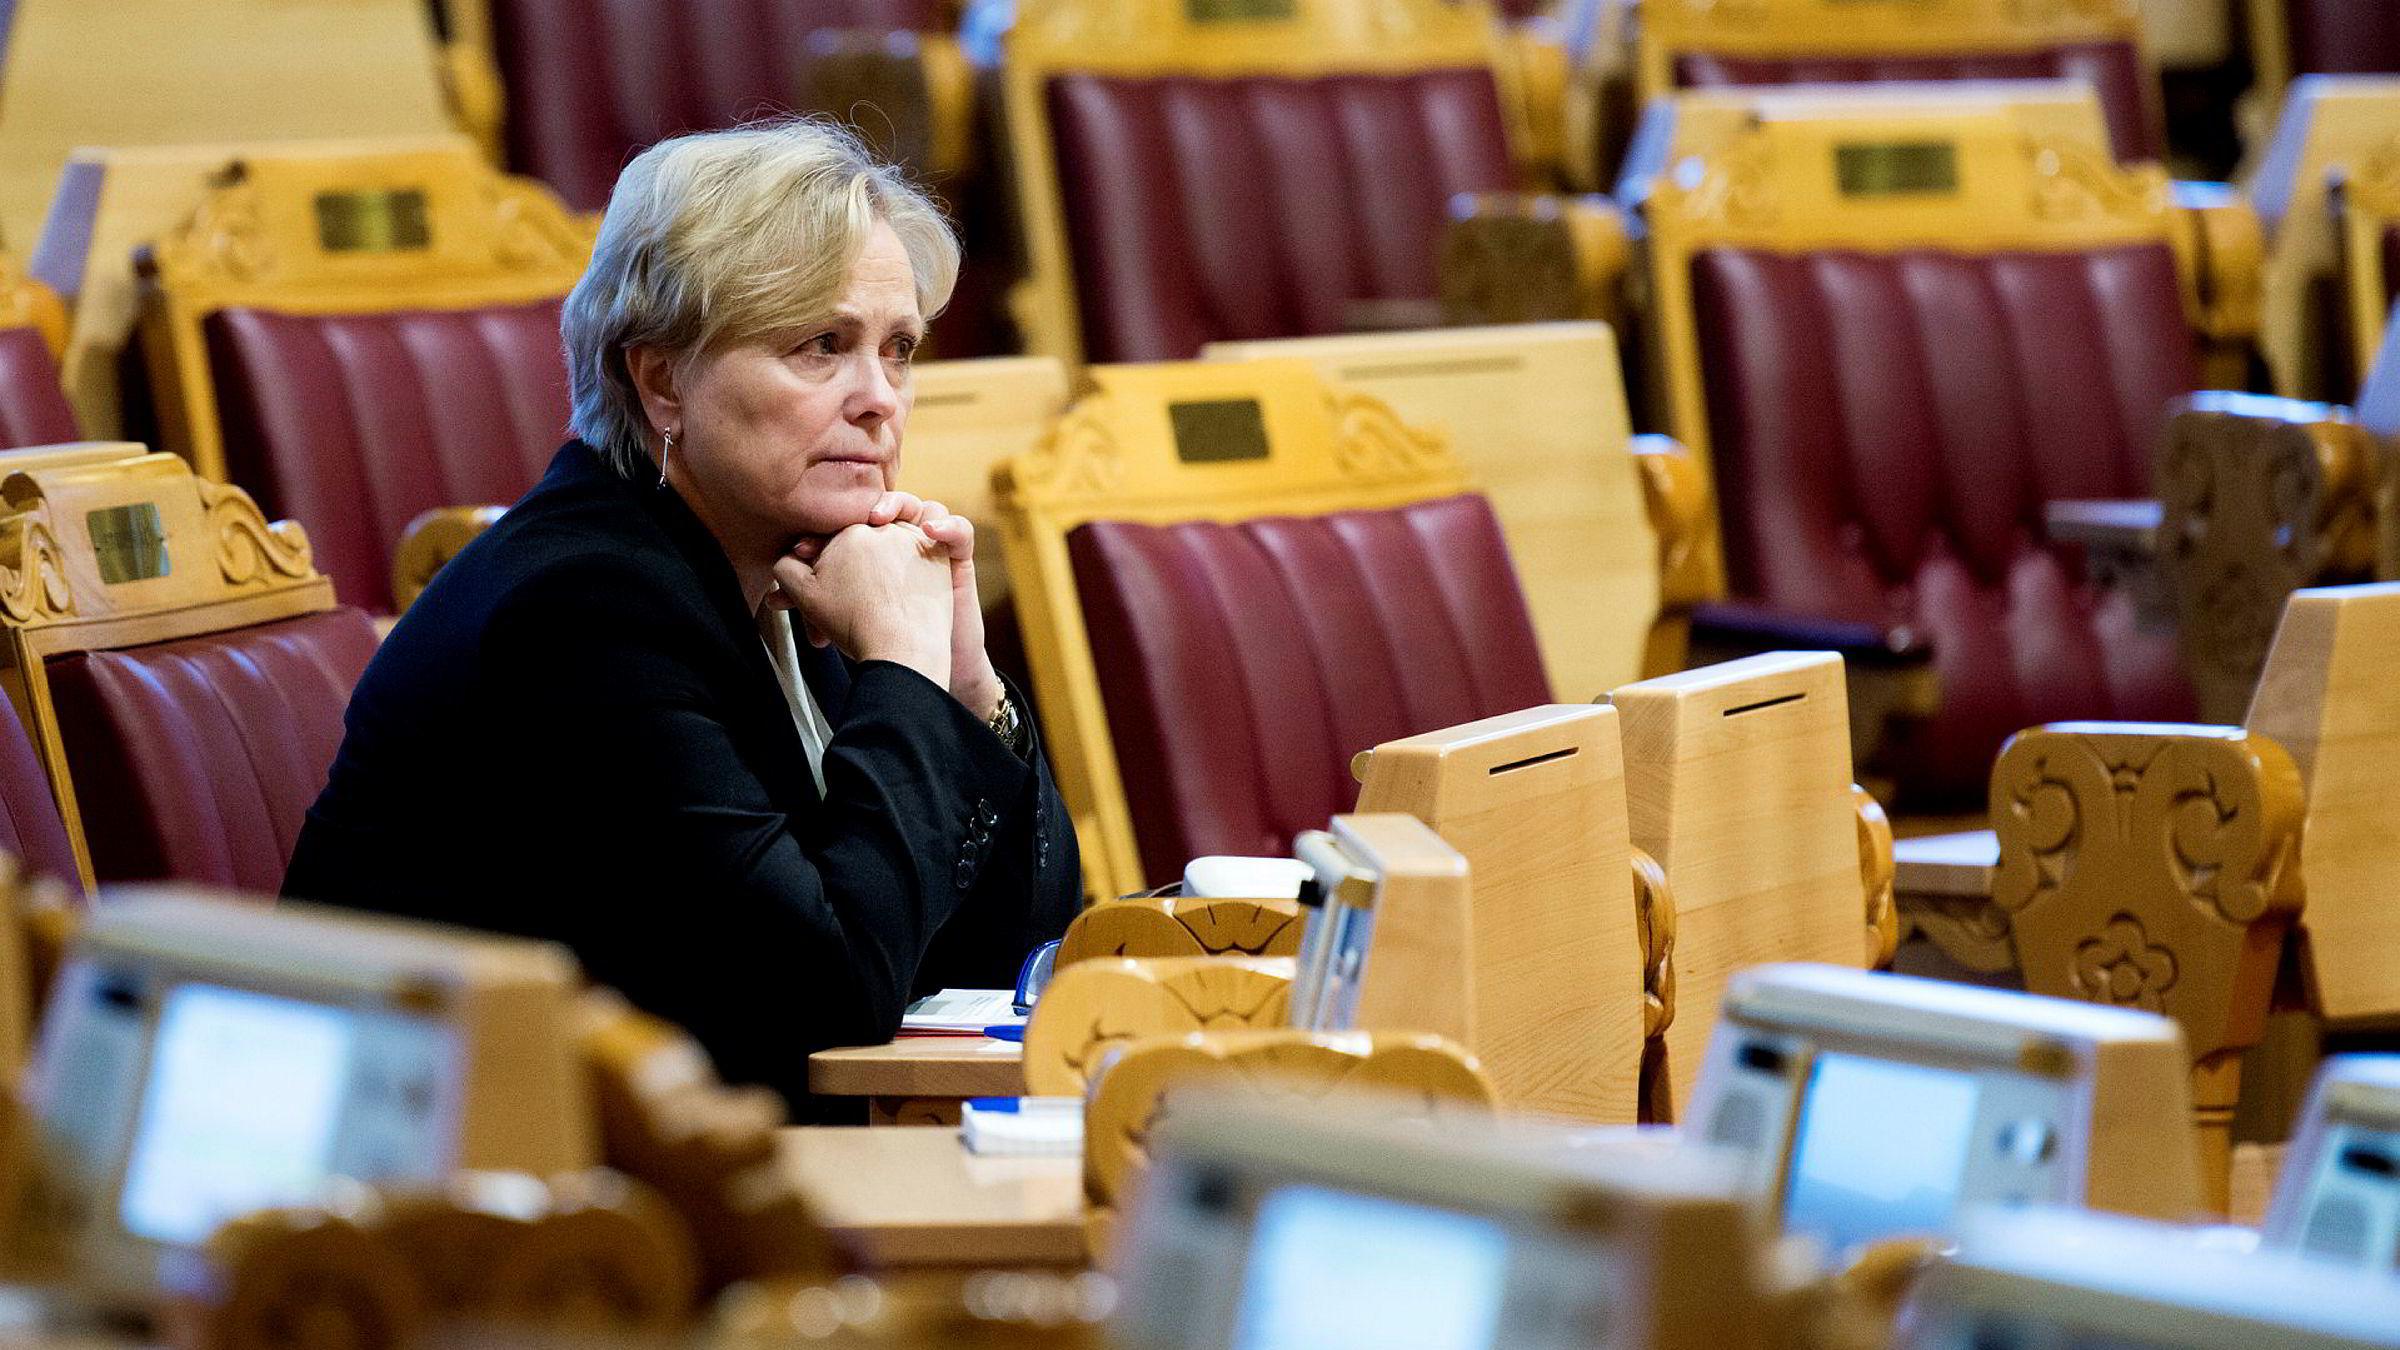 Tidligere kulturminister Thorhild Widvey er dømt til å betale erstatning på 2,5 millioner kroner fordi hun ikke skal ha gjort jobben sin som styremedlem i selskapet Reservoir Exploration Technology.